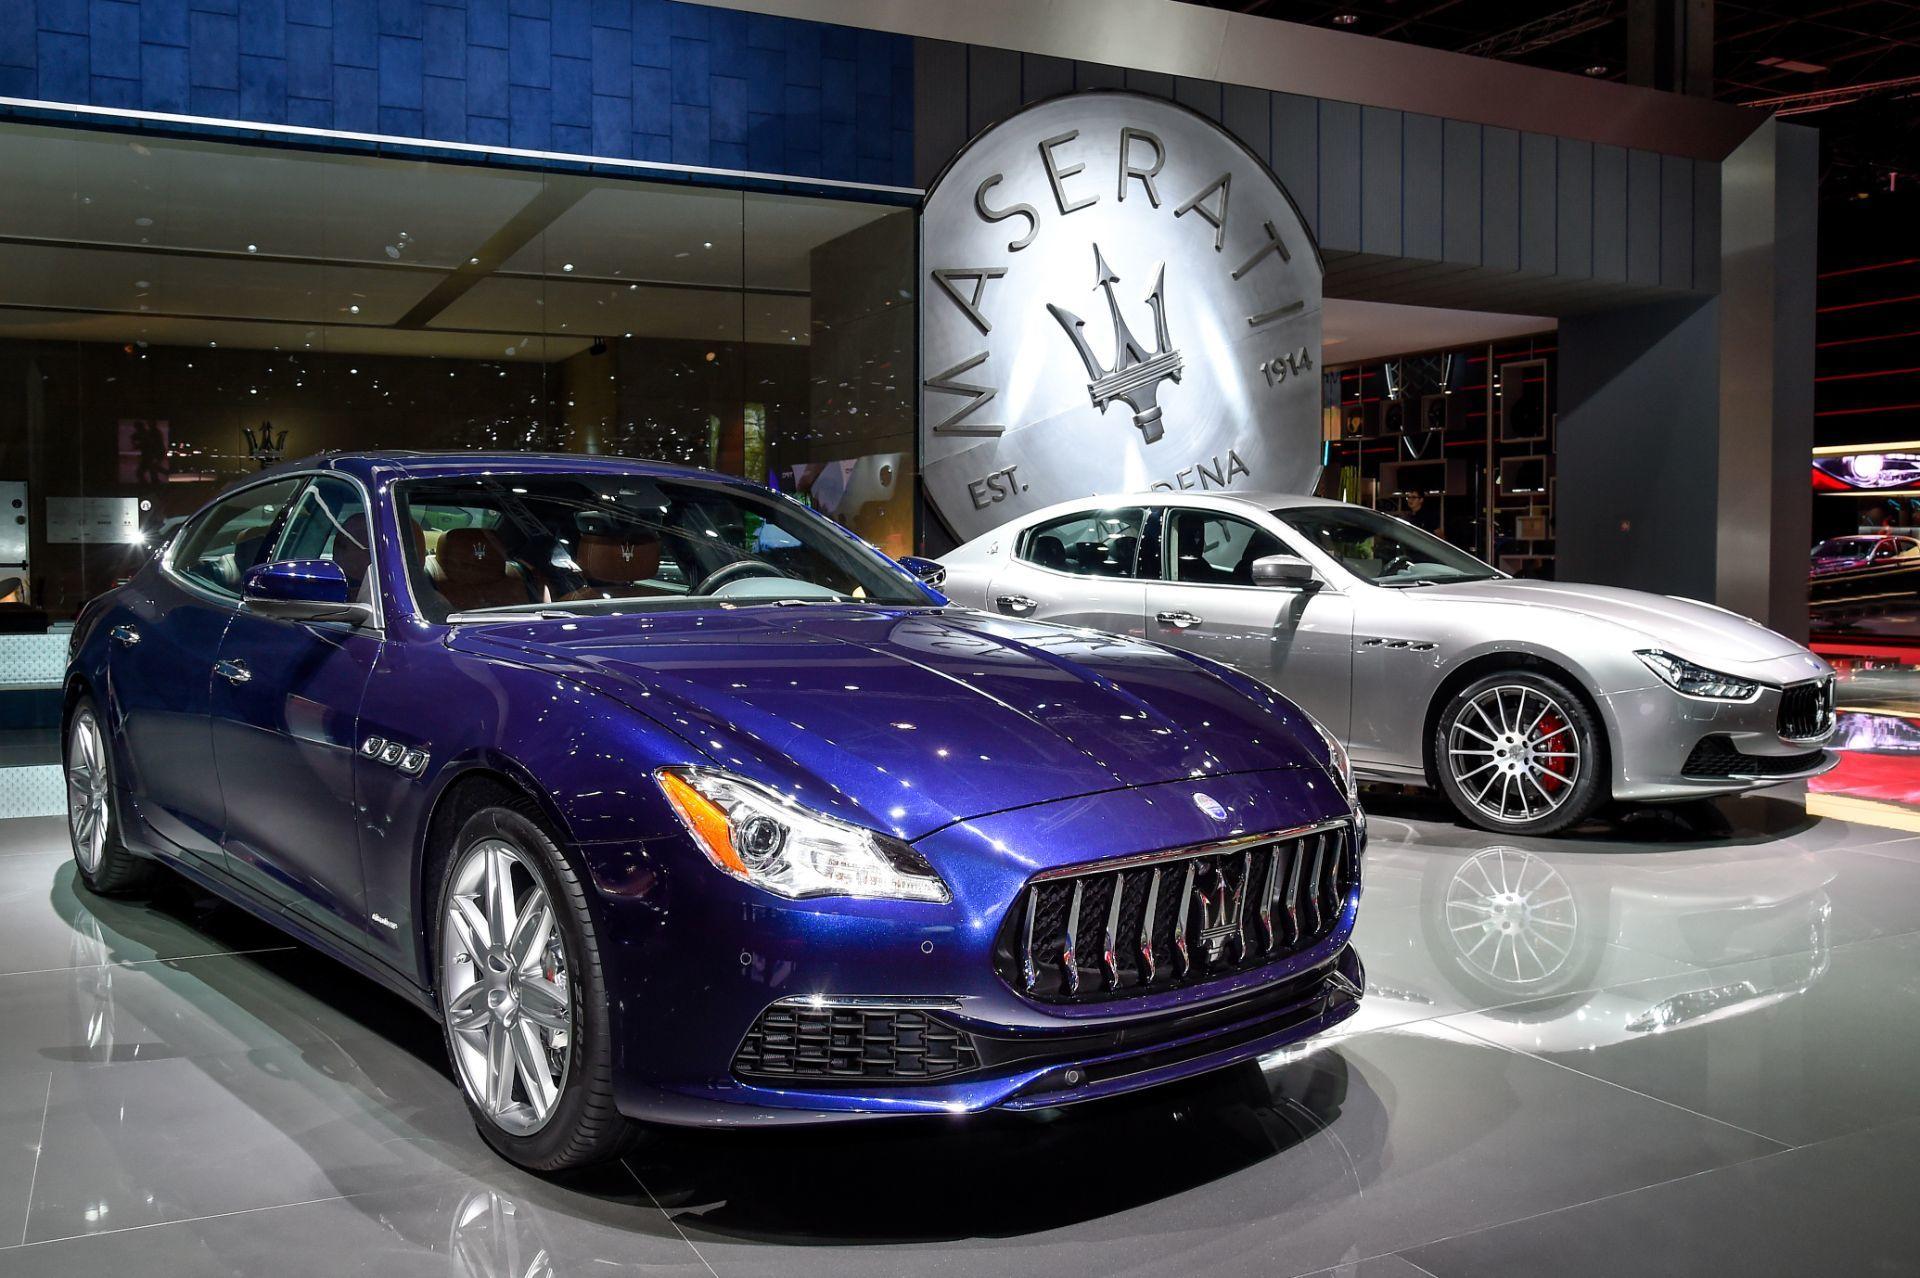 Maserati en el Salón de automóvil de París: debut del nuevo Quattroporte y el Ghibli Model Year 2017